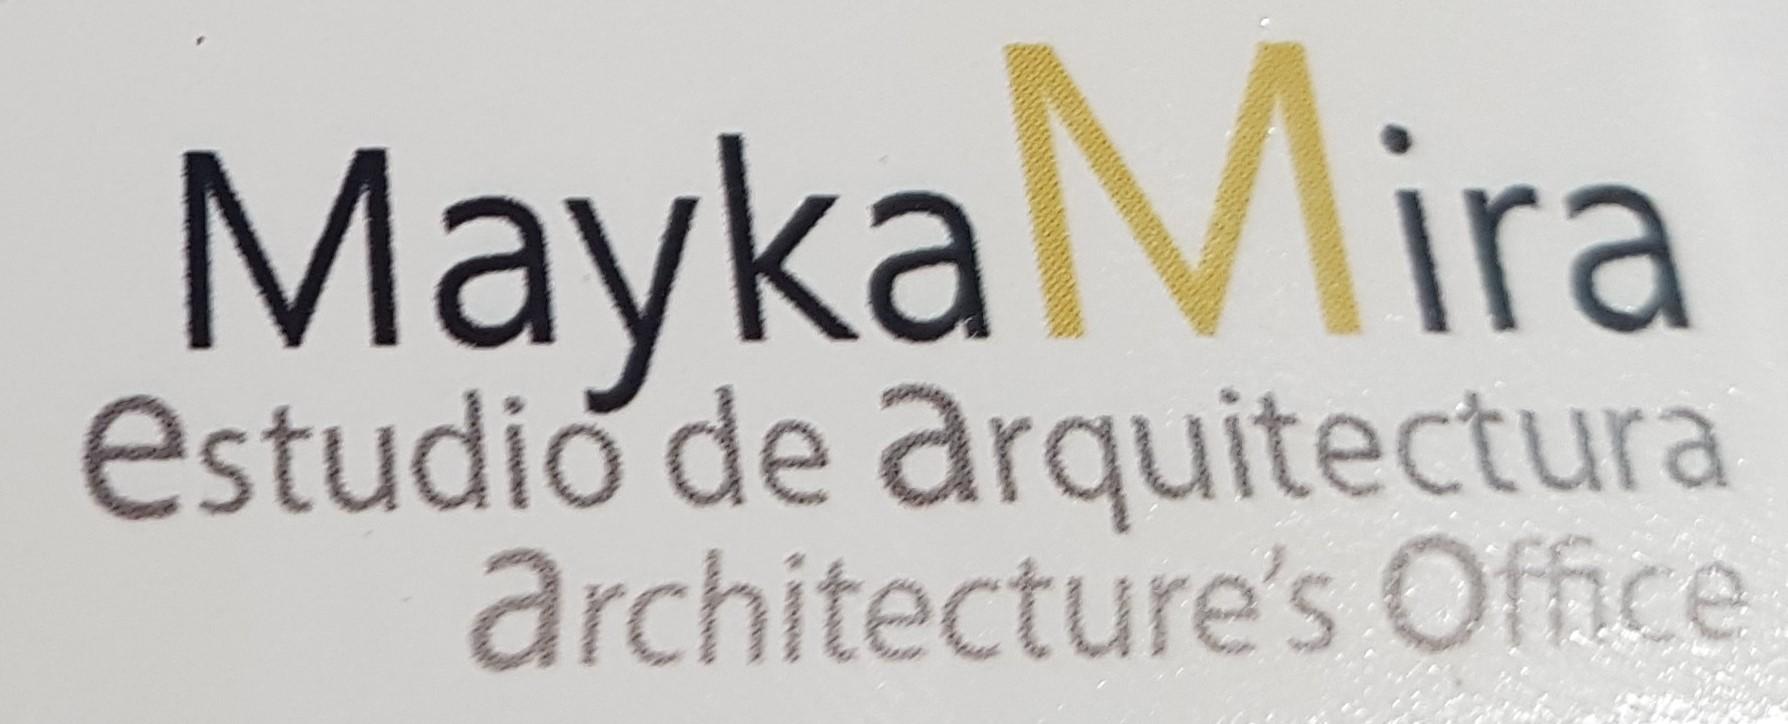 Estudio de Arquitectura Mayka Mira